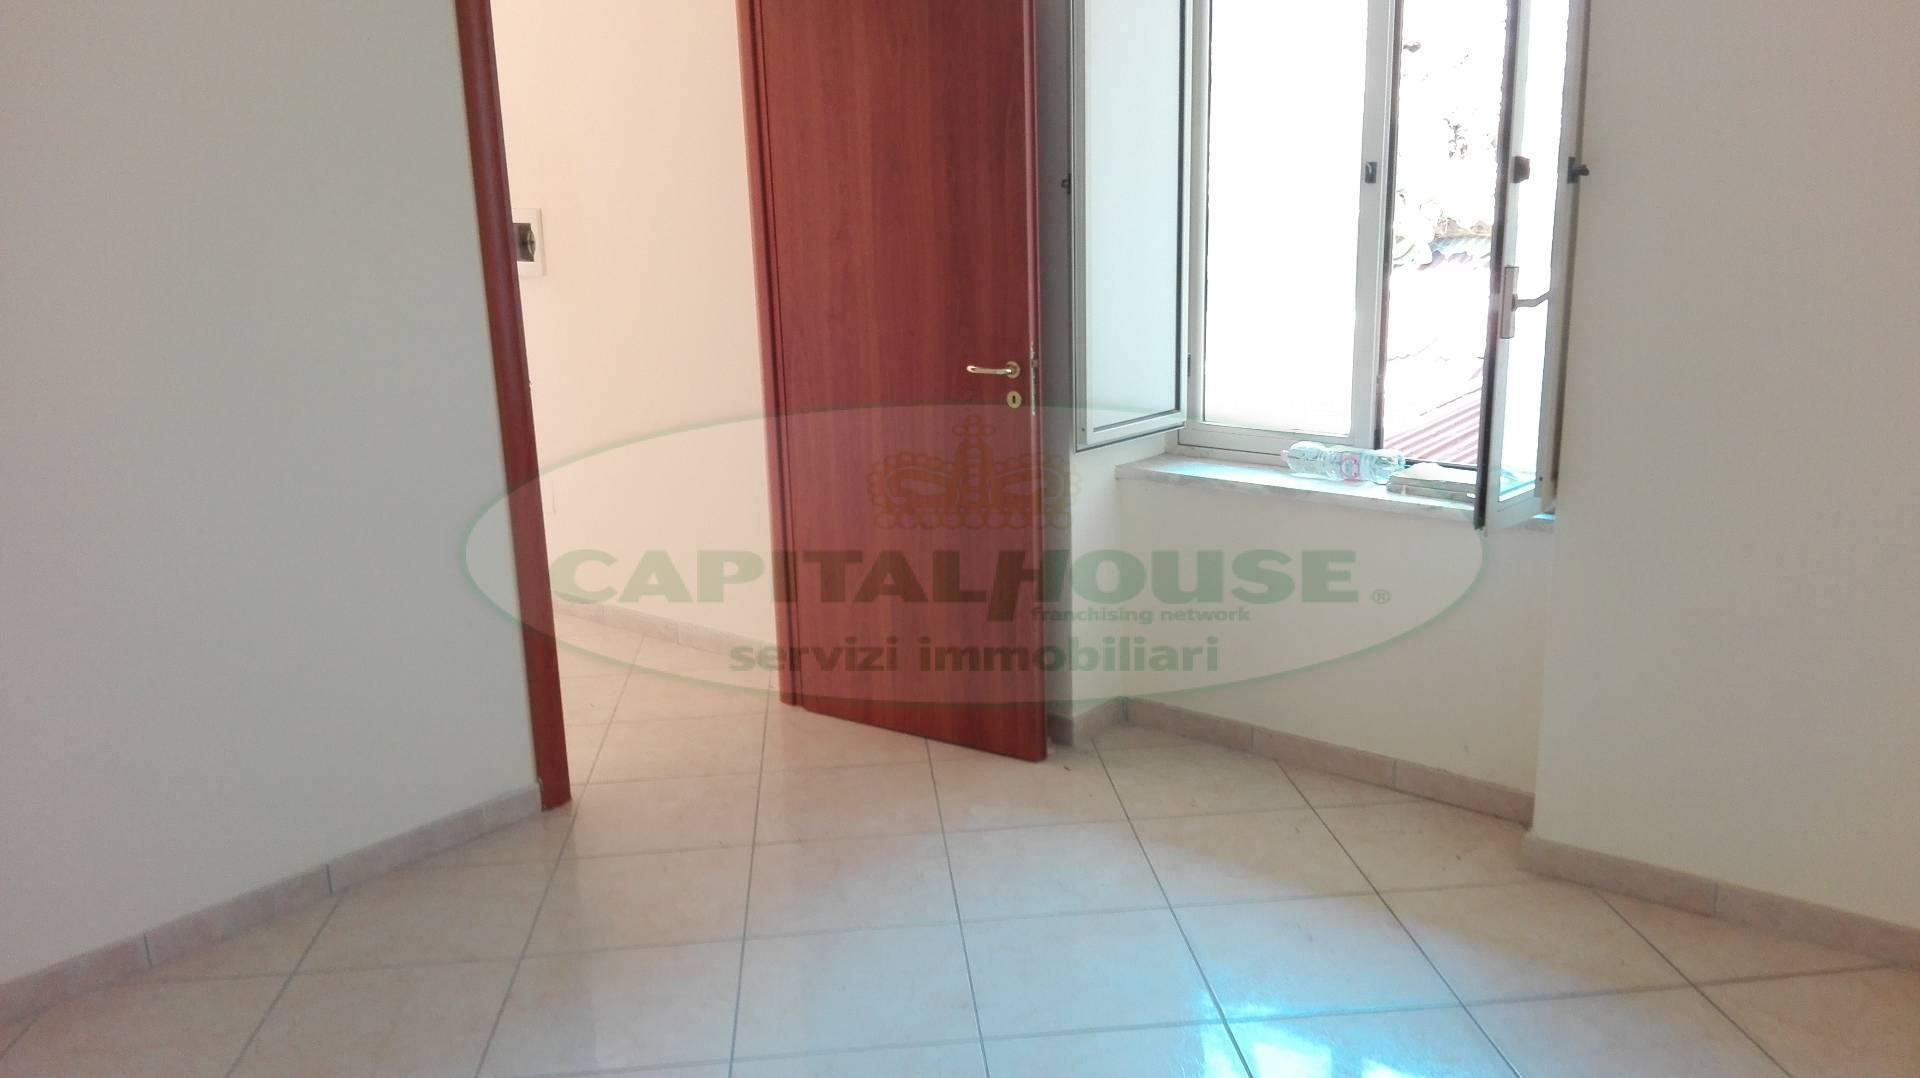 Appartamento in Vendita a Macerata Campania